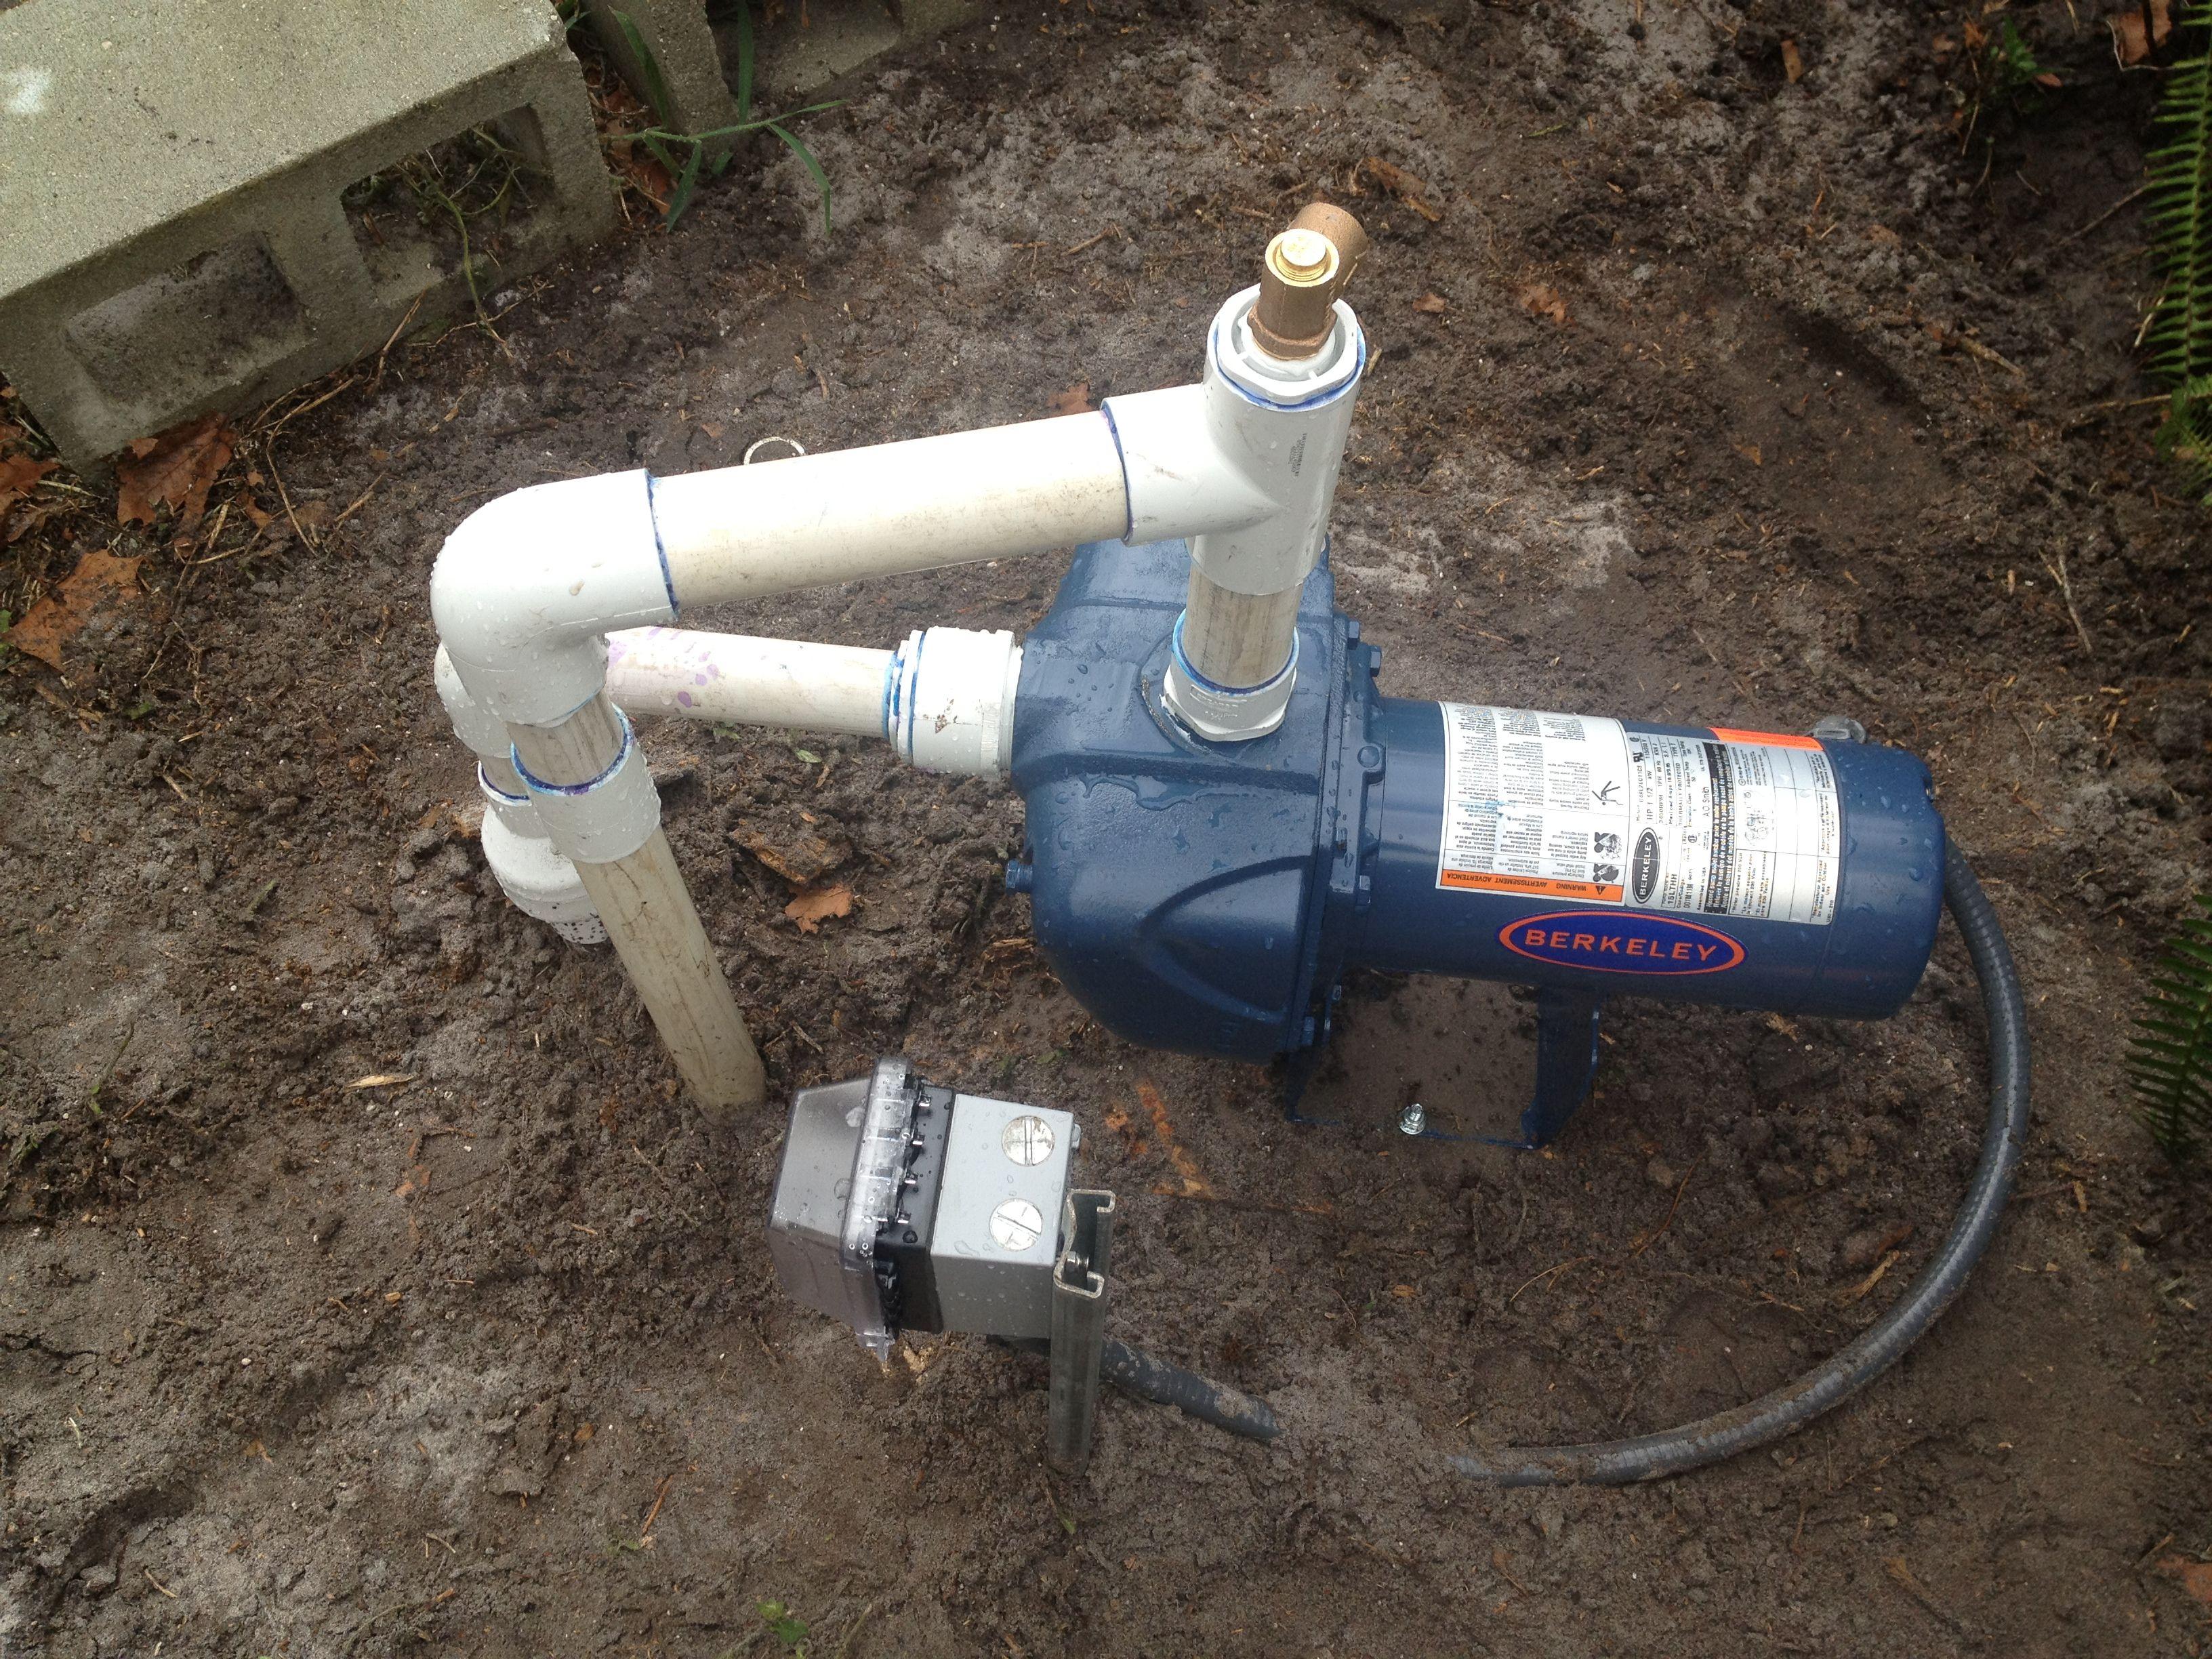 Irrigation Sprinkler Pump Pumps